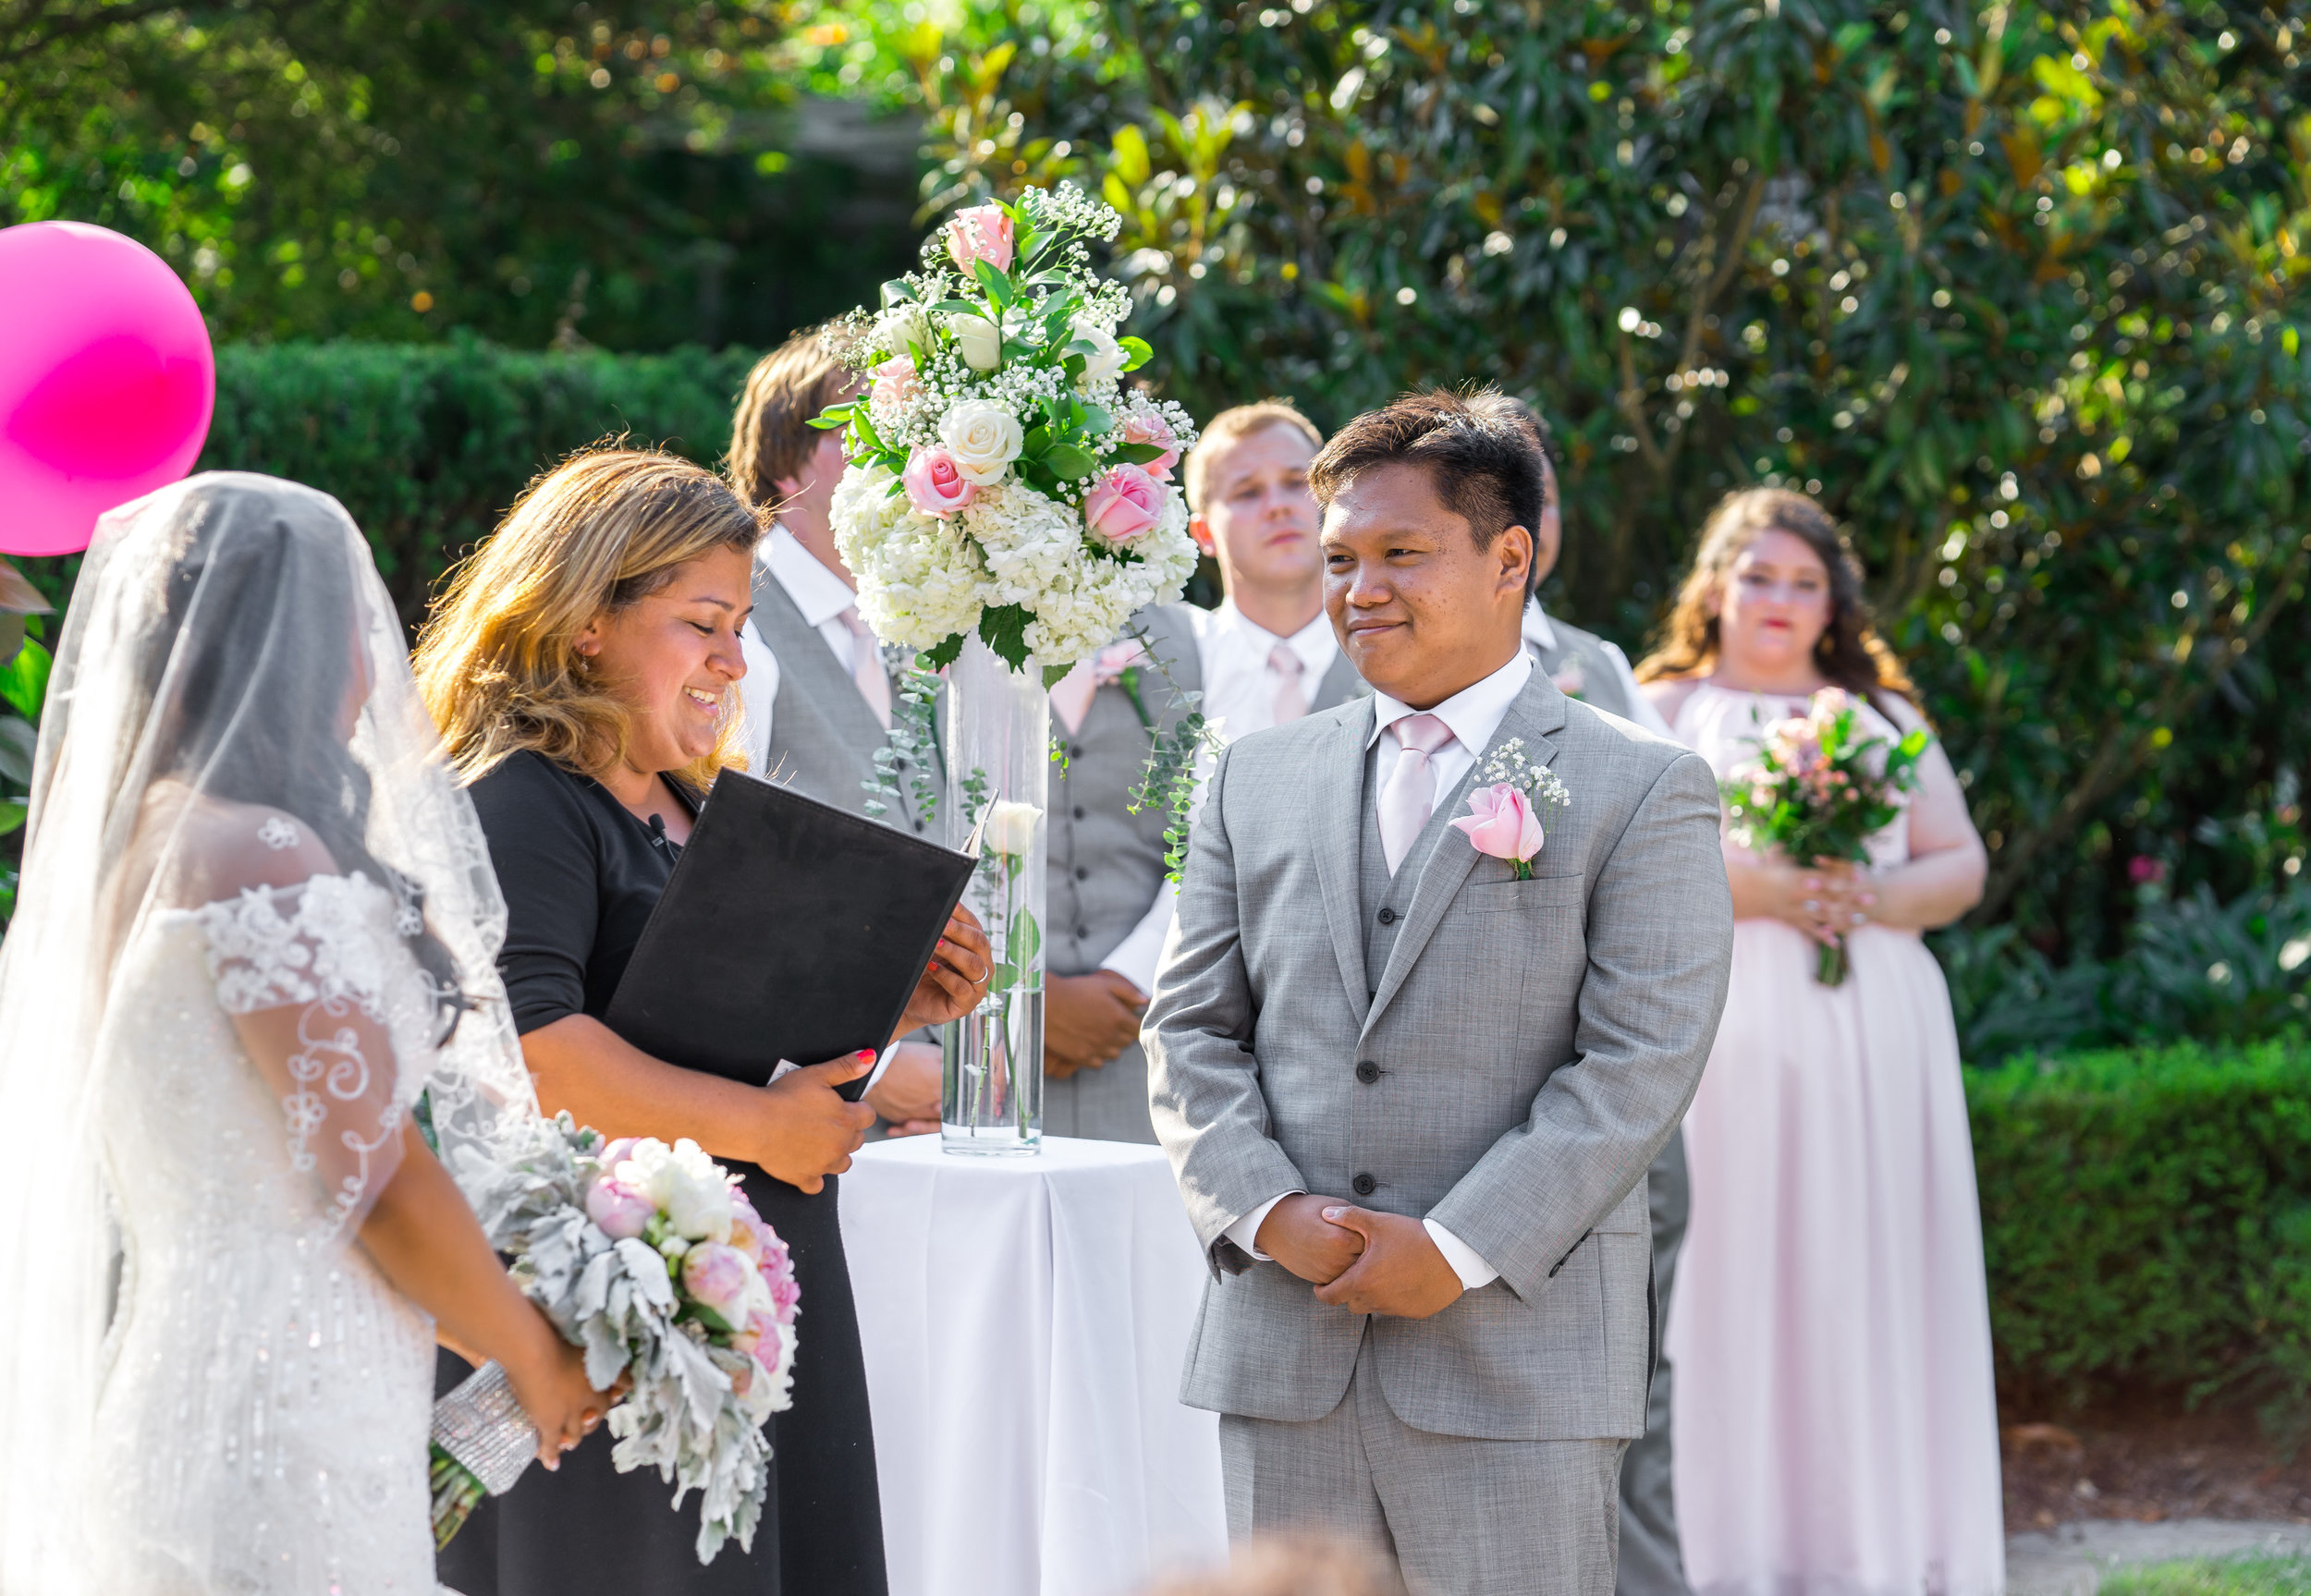 Brookside Garden wedding ceremony in June